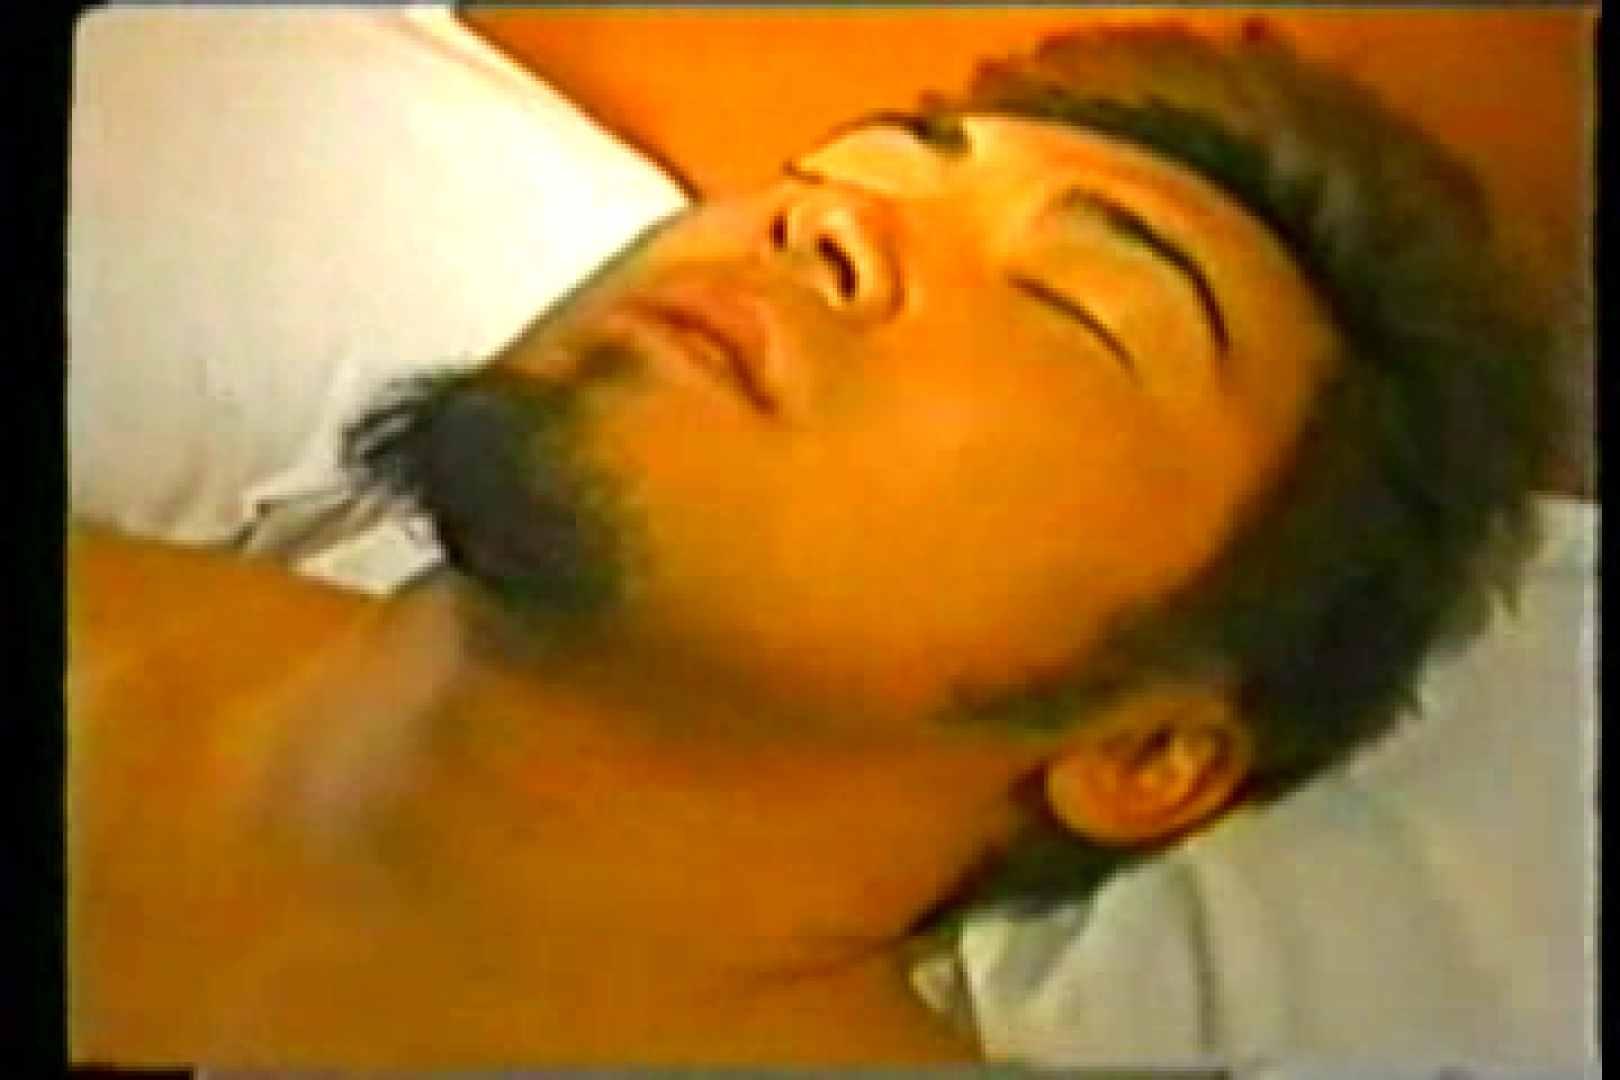 『ノンケ・スポーツマンシップとは・・・! ! 』 第9戦 ノンケ一筋 | 体育会系 ゲイアダルト画像 94pic 78